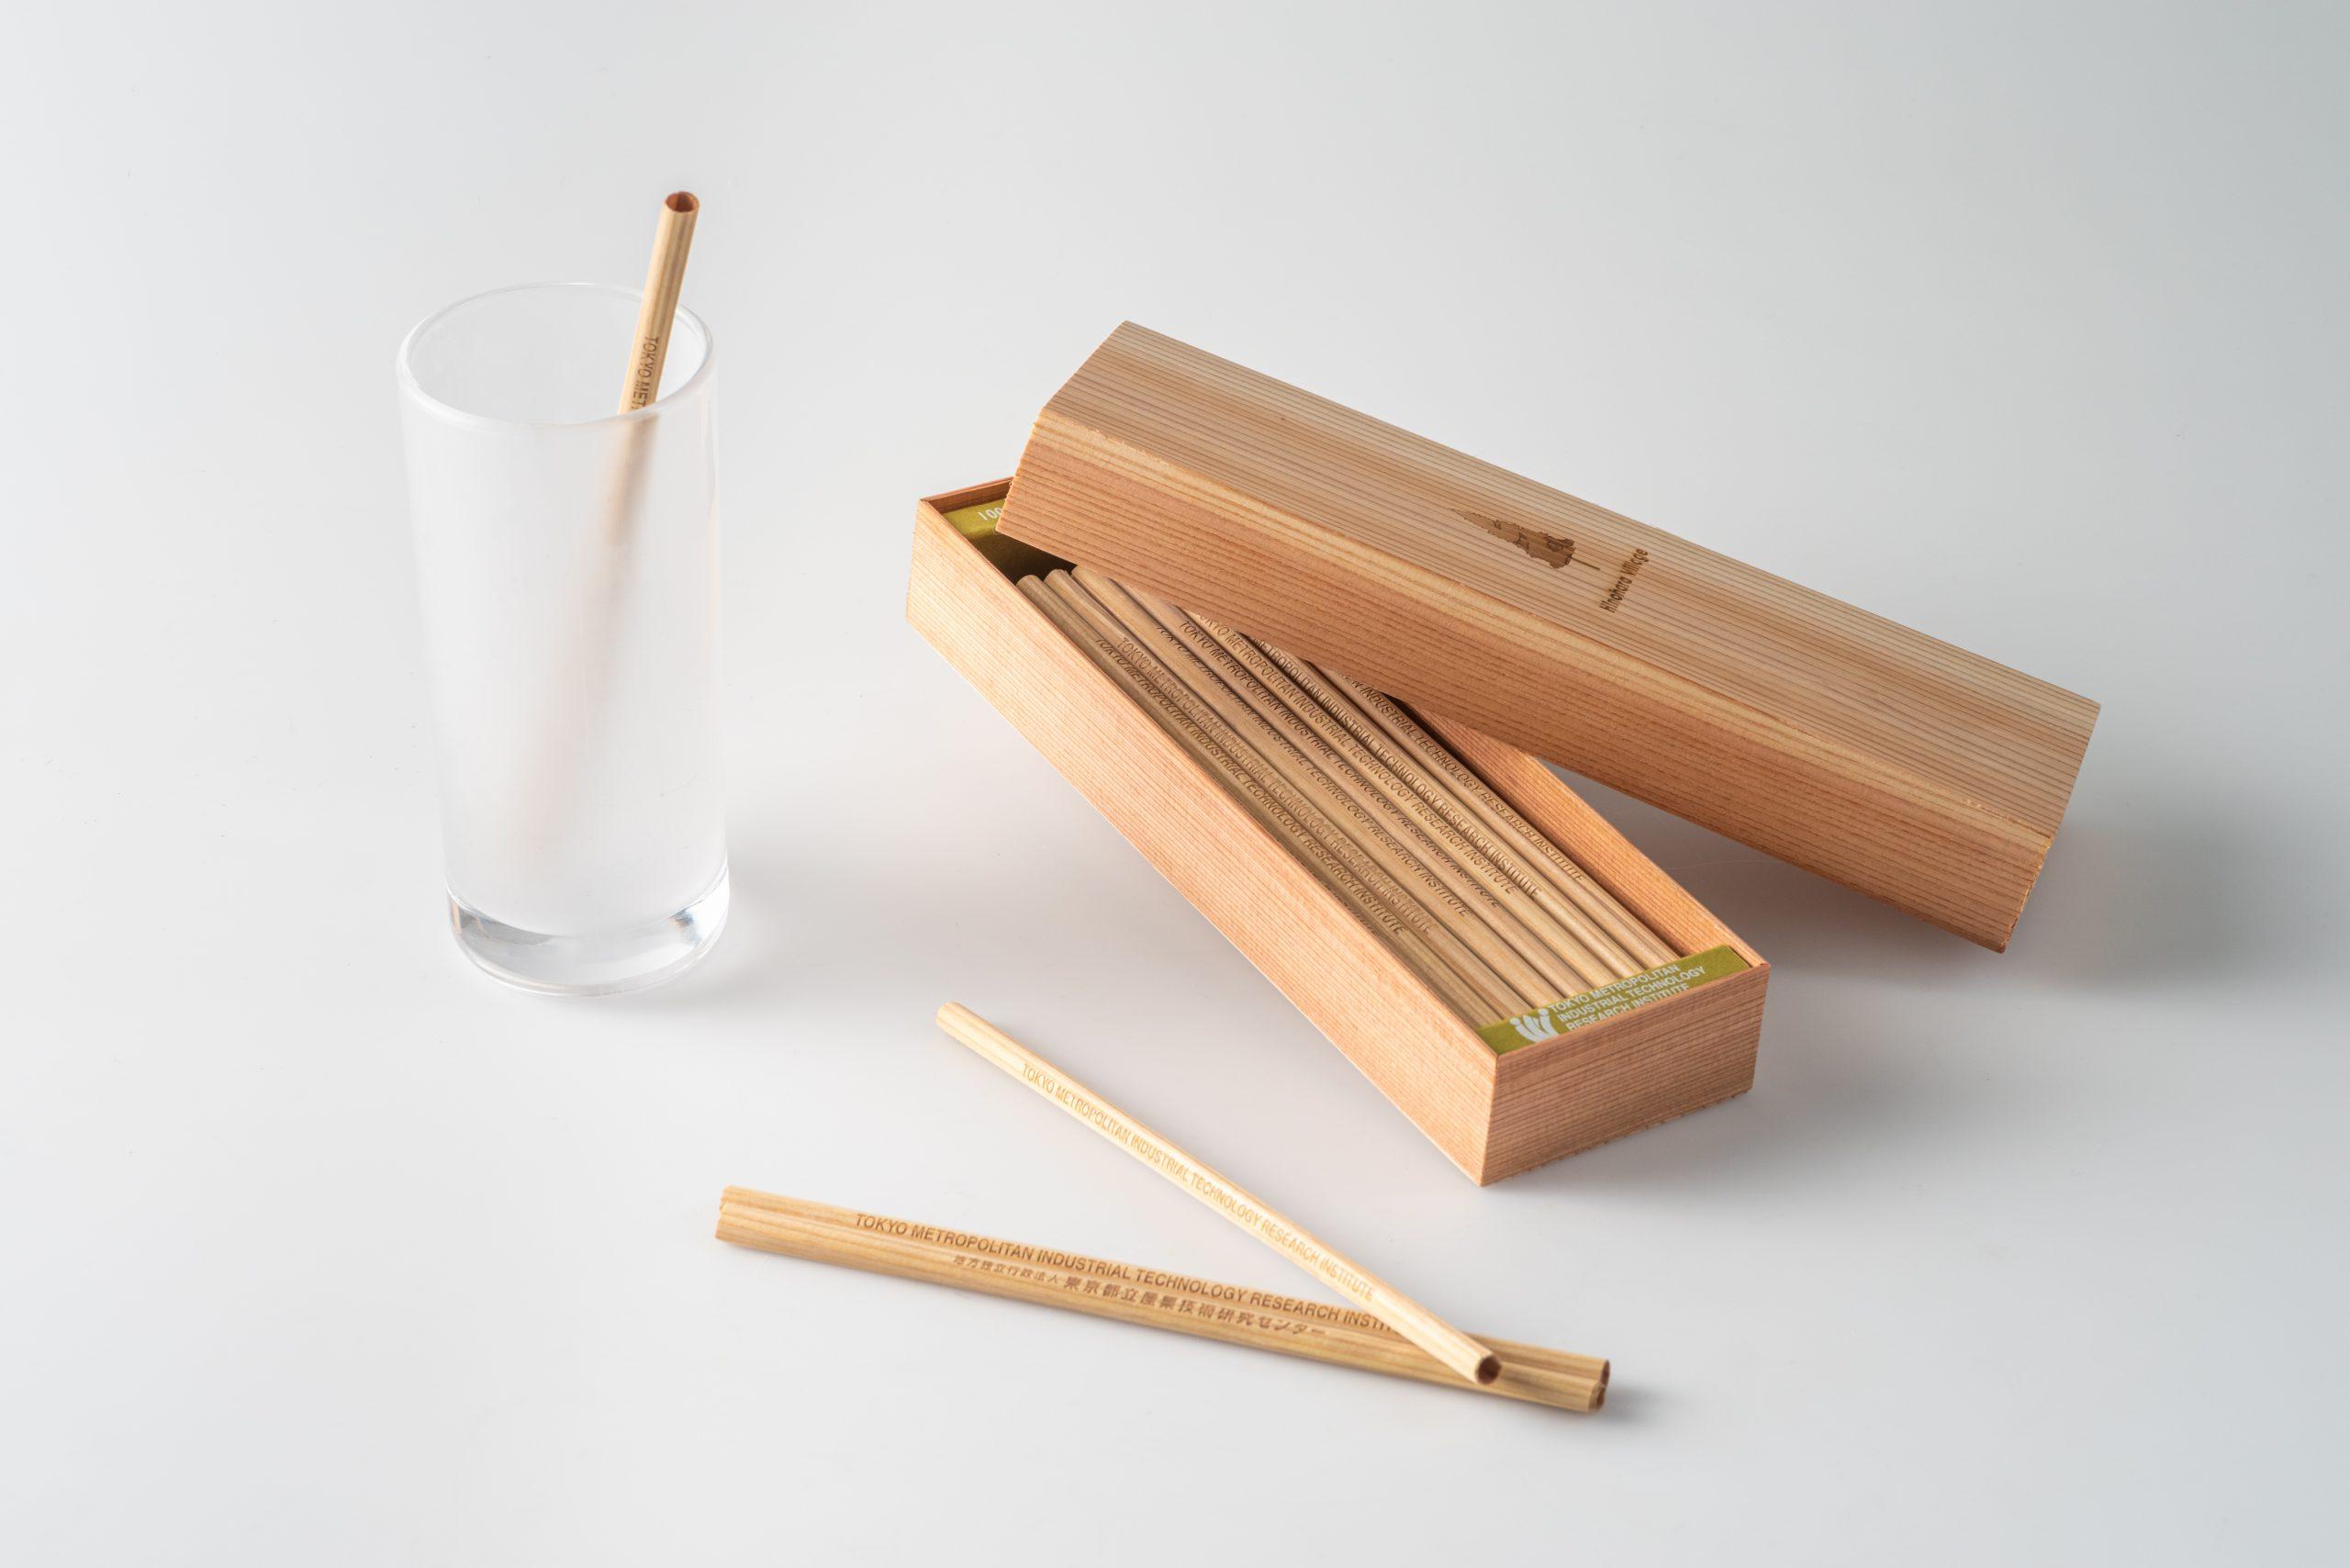 100%天然材料のストローを開発 木材とこんにゃく粉を活用